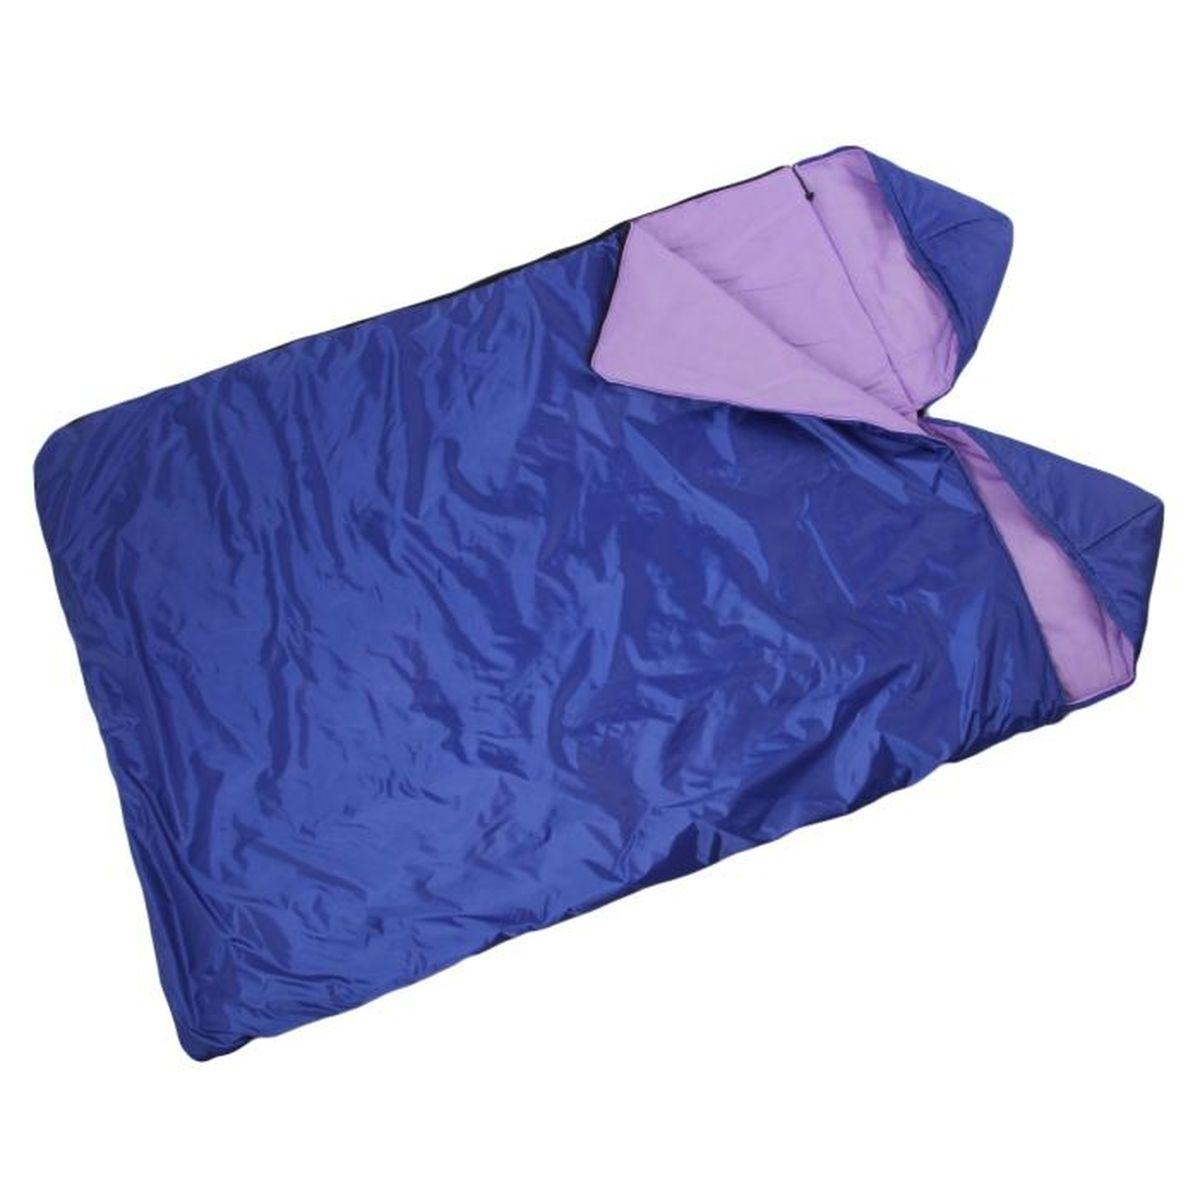 Мешок спальный Onlitop Престиж, 2-местный, цвет: фиолетовый, правосторонняя молния